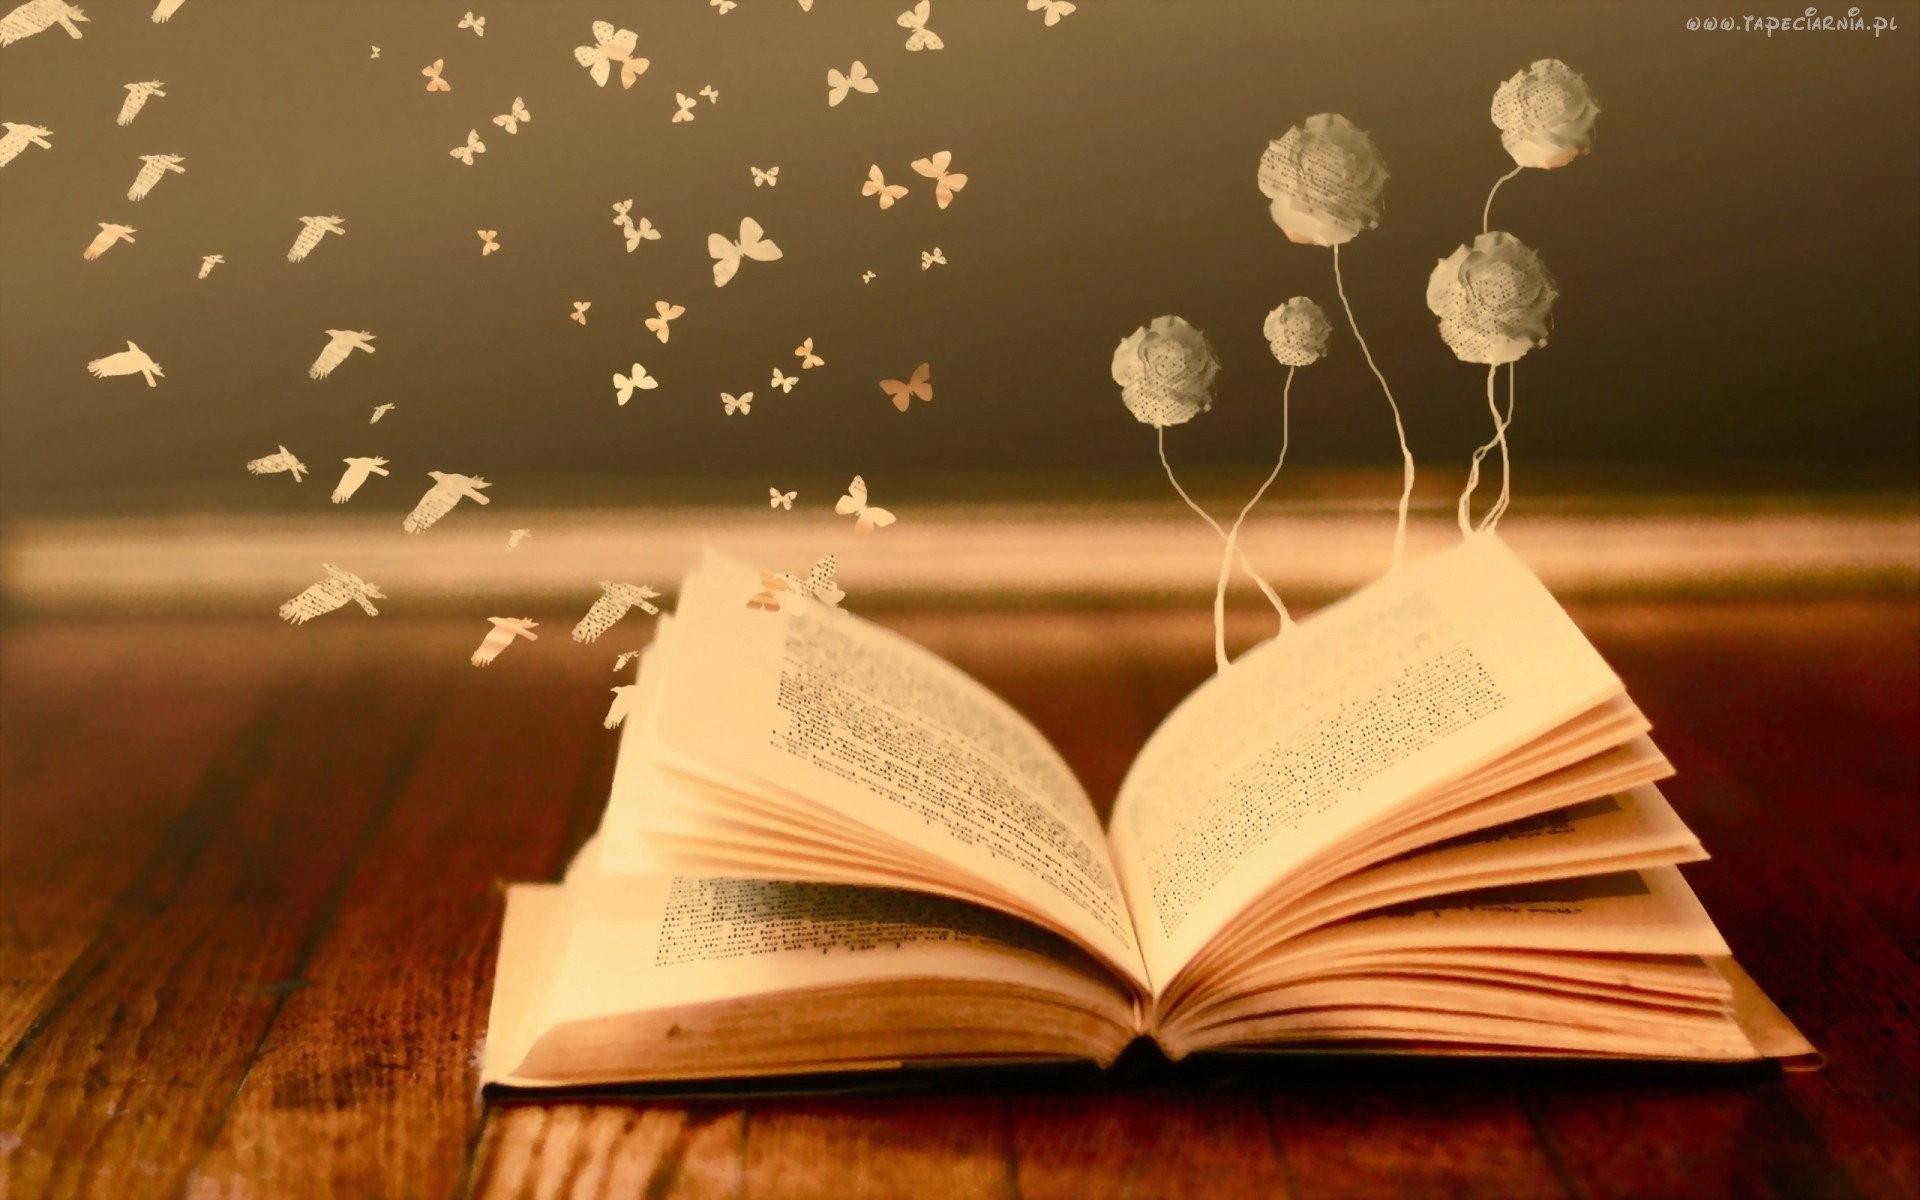 My książkoholicy